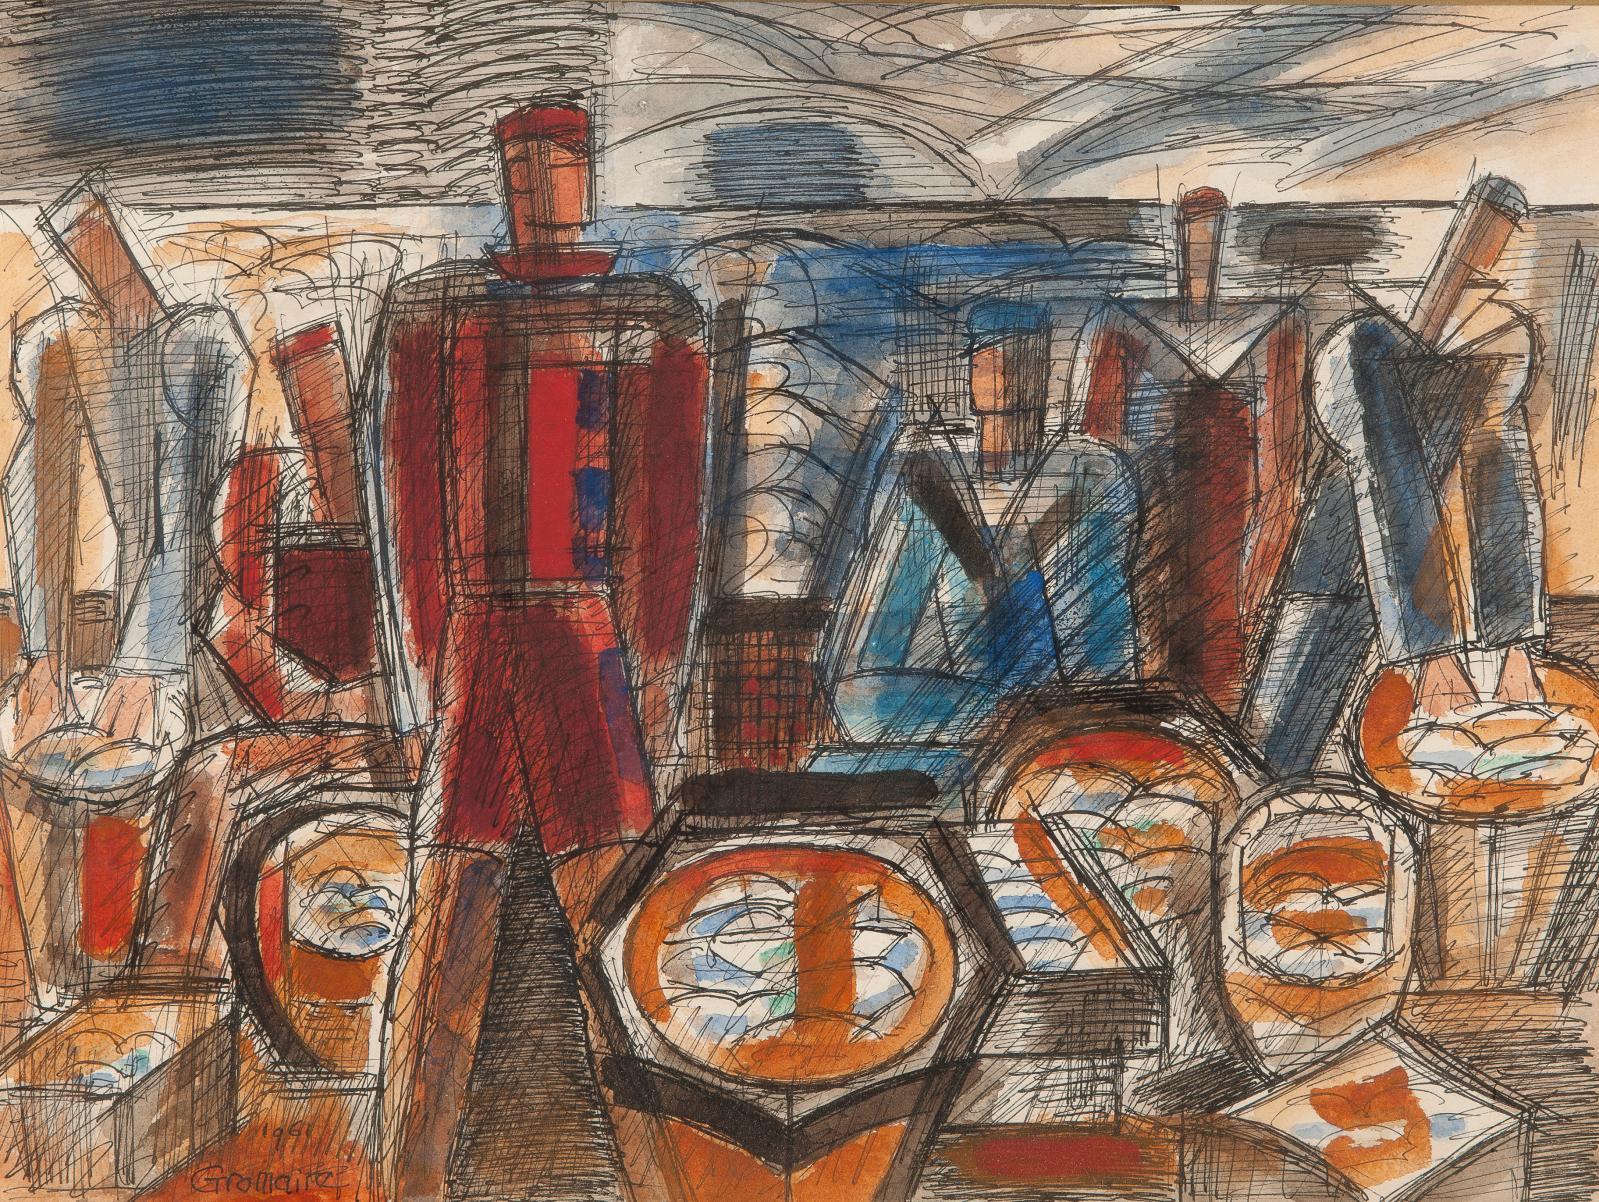 Marcel Gromaire (1892-1971), Les Pêcheurs, 1961, encre de Chine, aquarelle et gouache, 31,5x42,5cm (détail). Estimation: 2 000/3 000 €